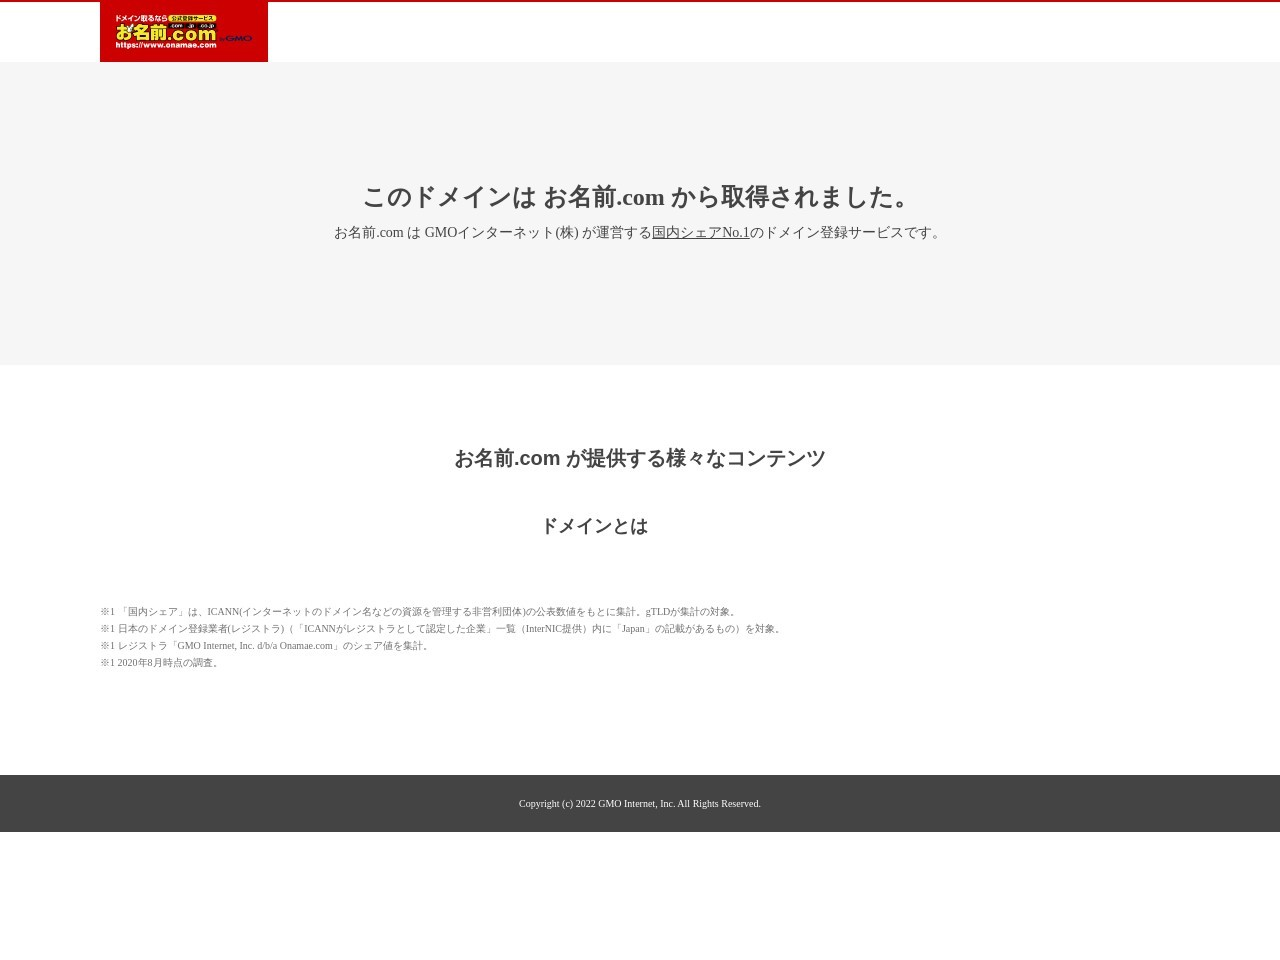 エルバ/TOPページ